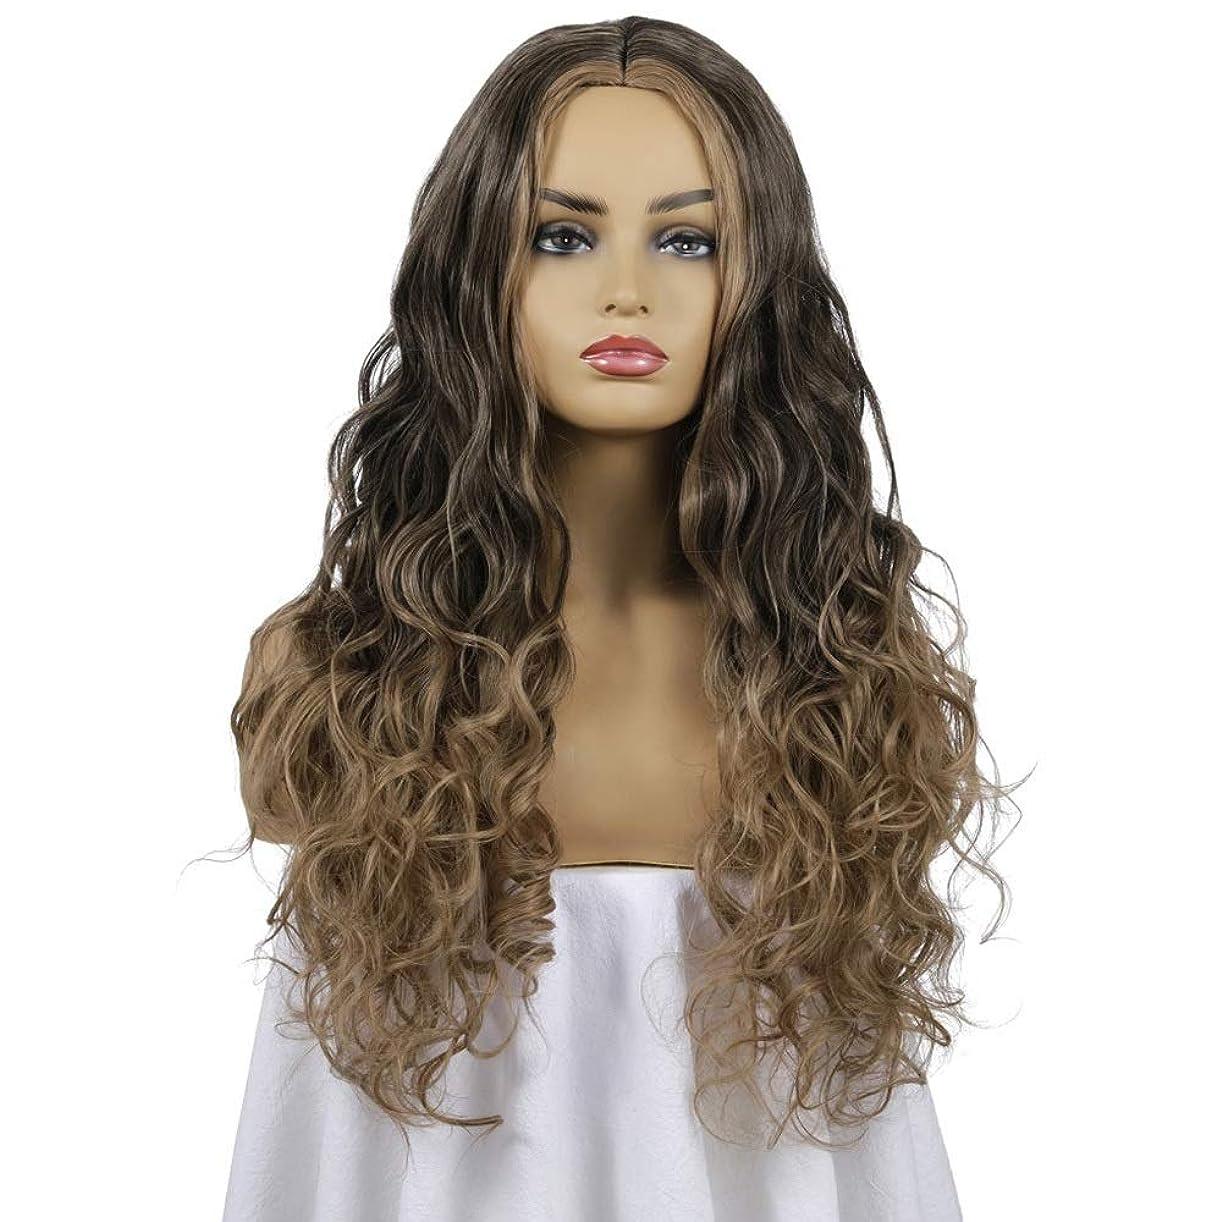 プロジェクターフルーツ運動する女性の長い巻き毛のウェーブのかかった髪のかつら26インチ魅力的な人工毛交換かつらと中間別れハロウィーンコスプレ衣装アニメパーティーかつら、黒と茶色のかつら